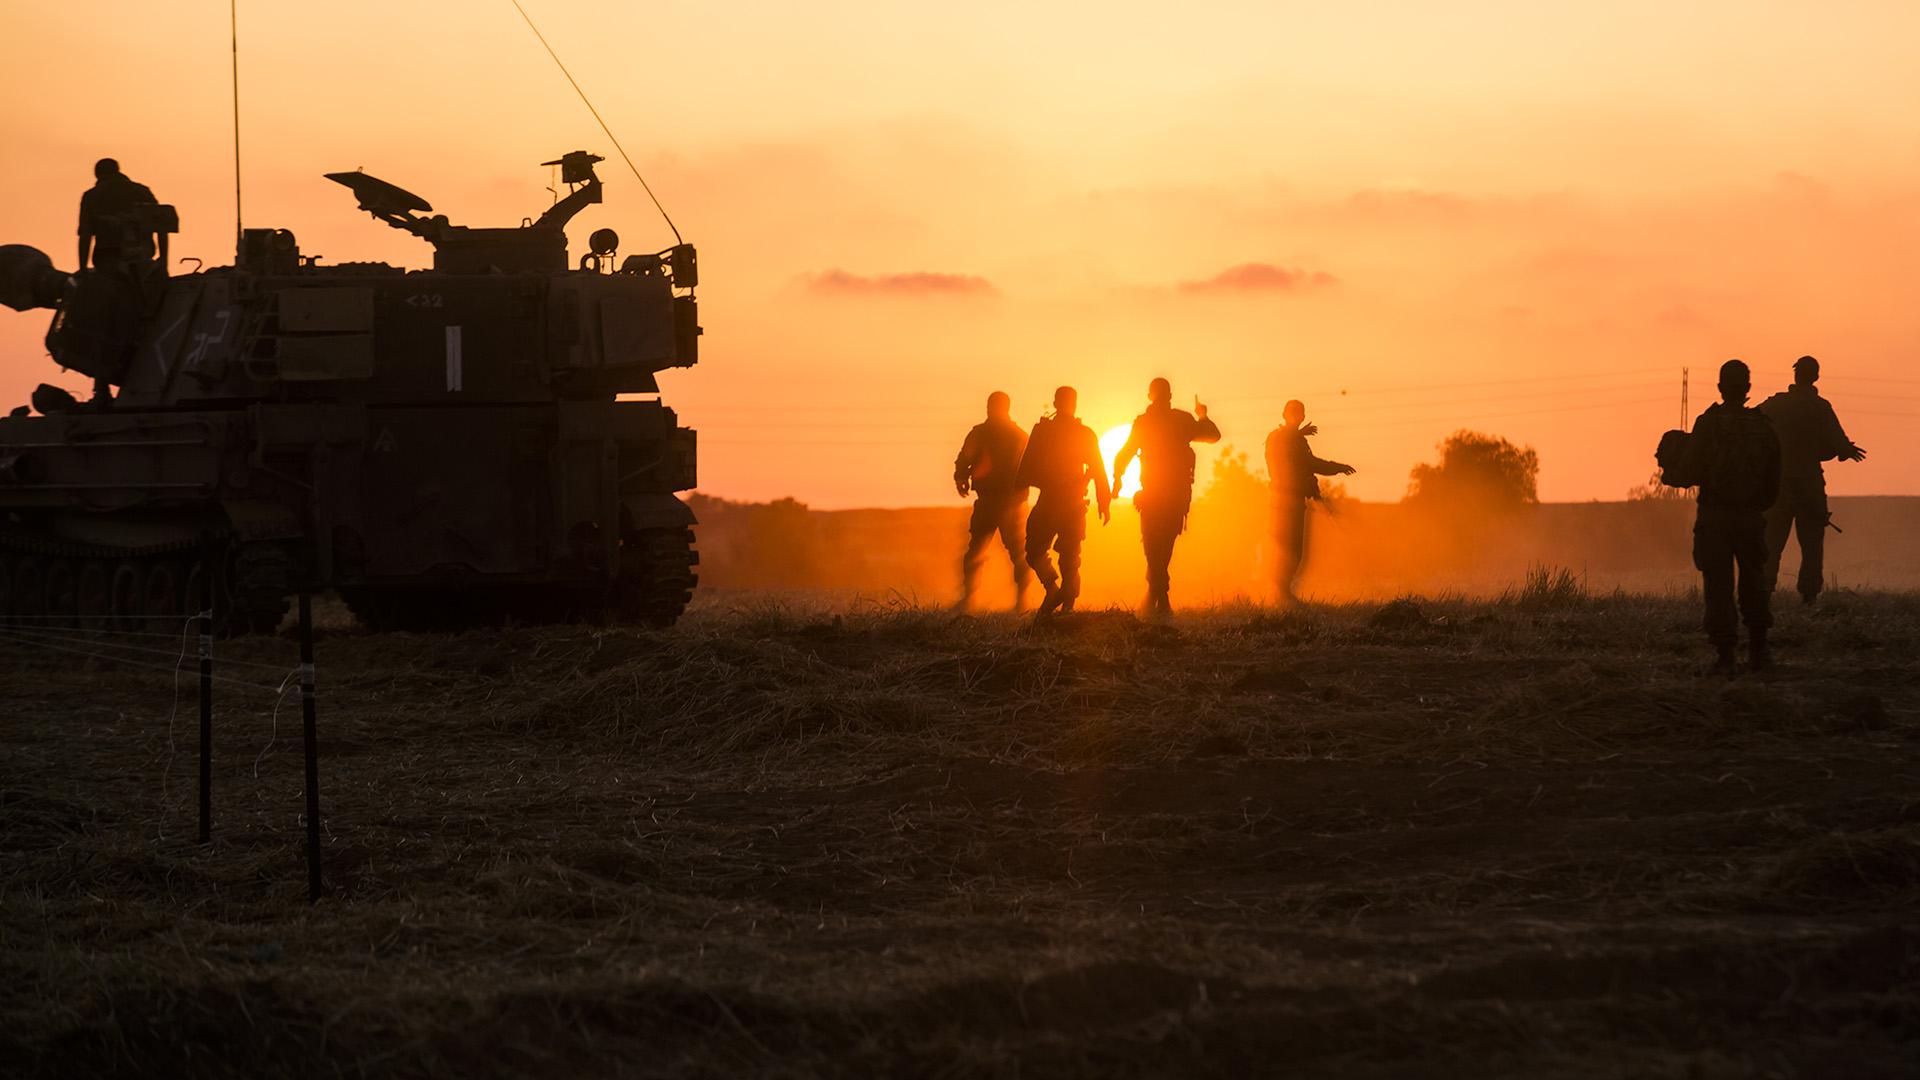 Konfliktus a Gázai övezet és Izrael között